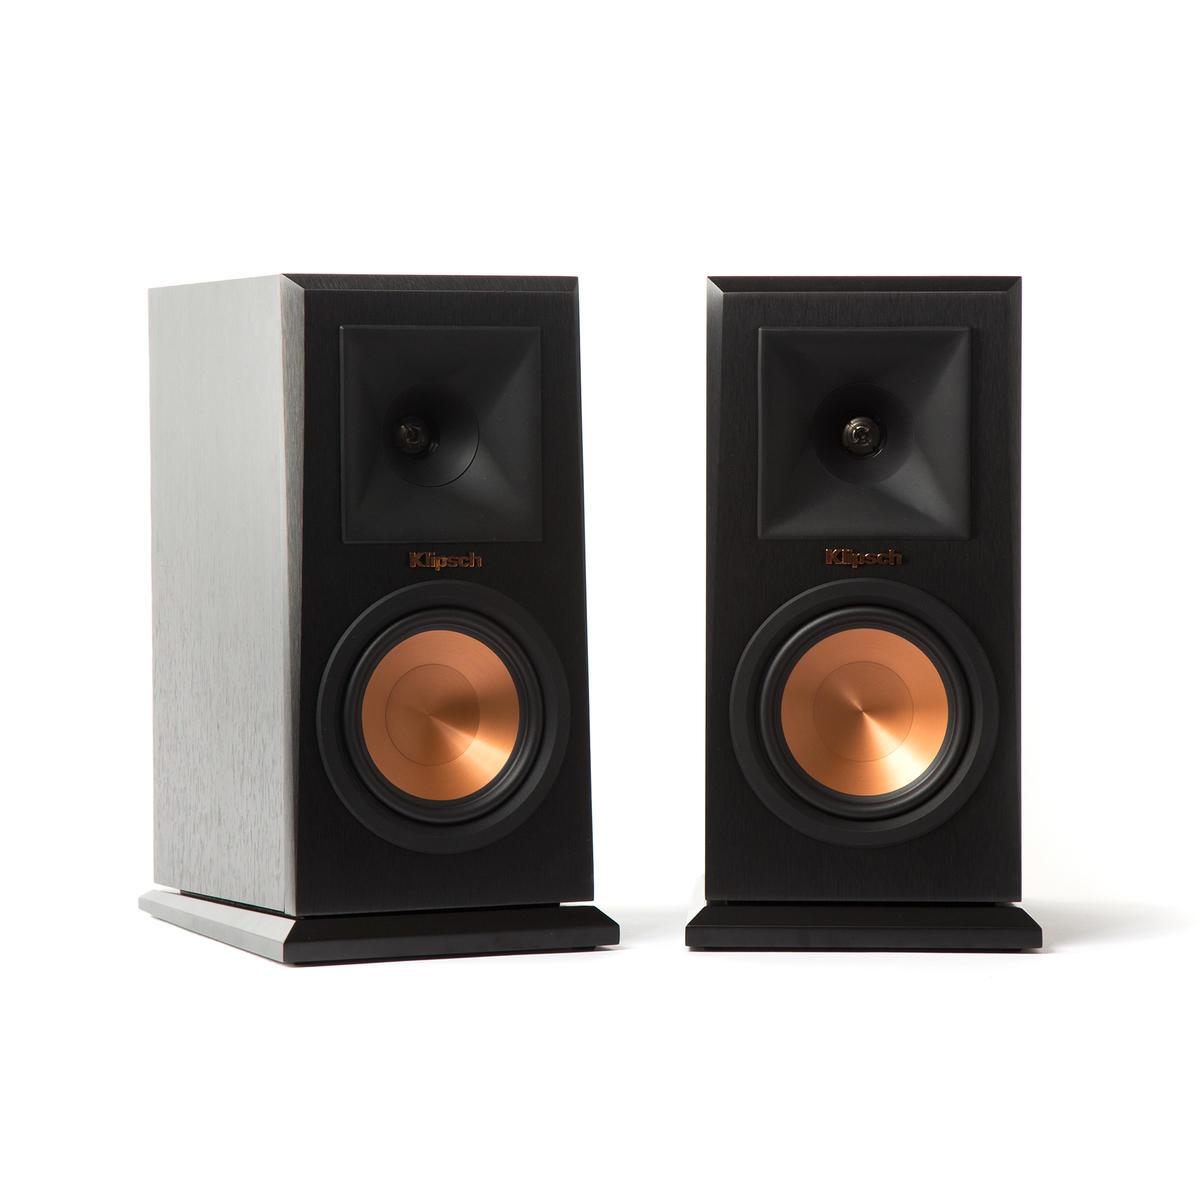 klipsch-rp-150m-monitor-speaker-2.jpg